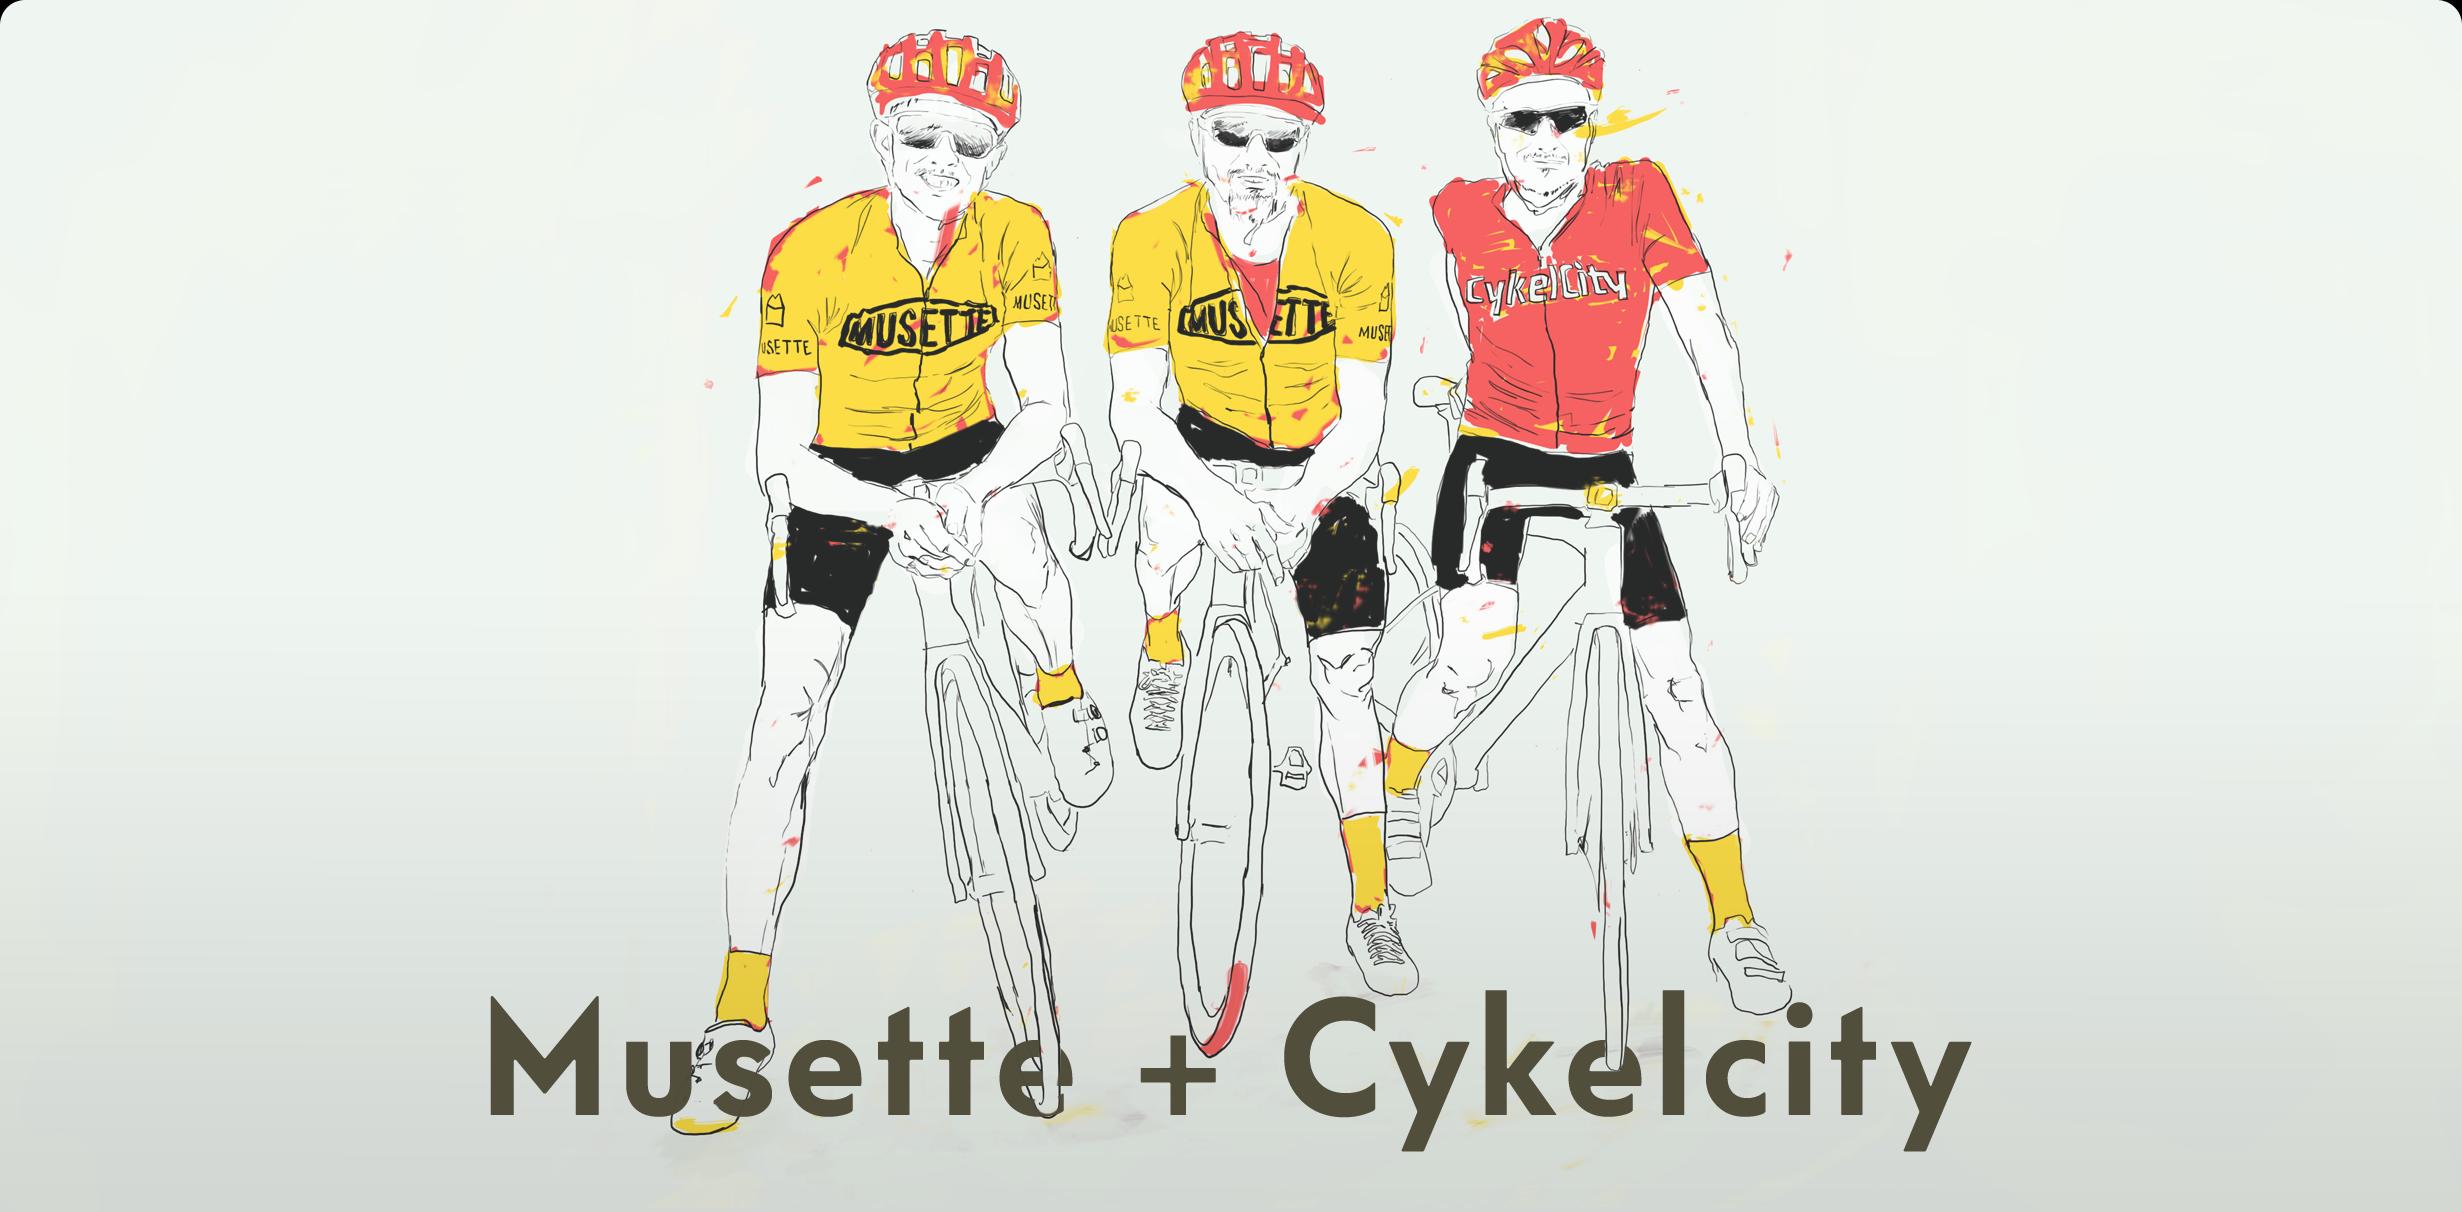 musette+cc